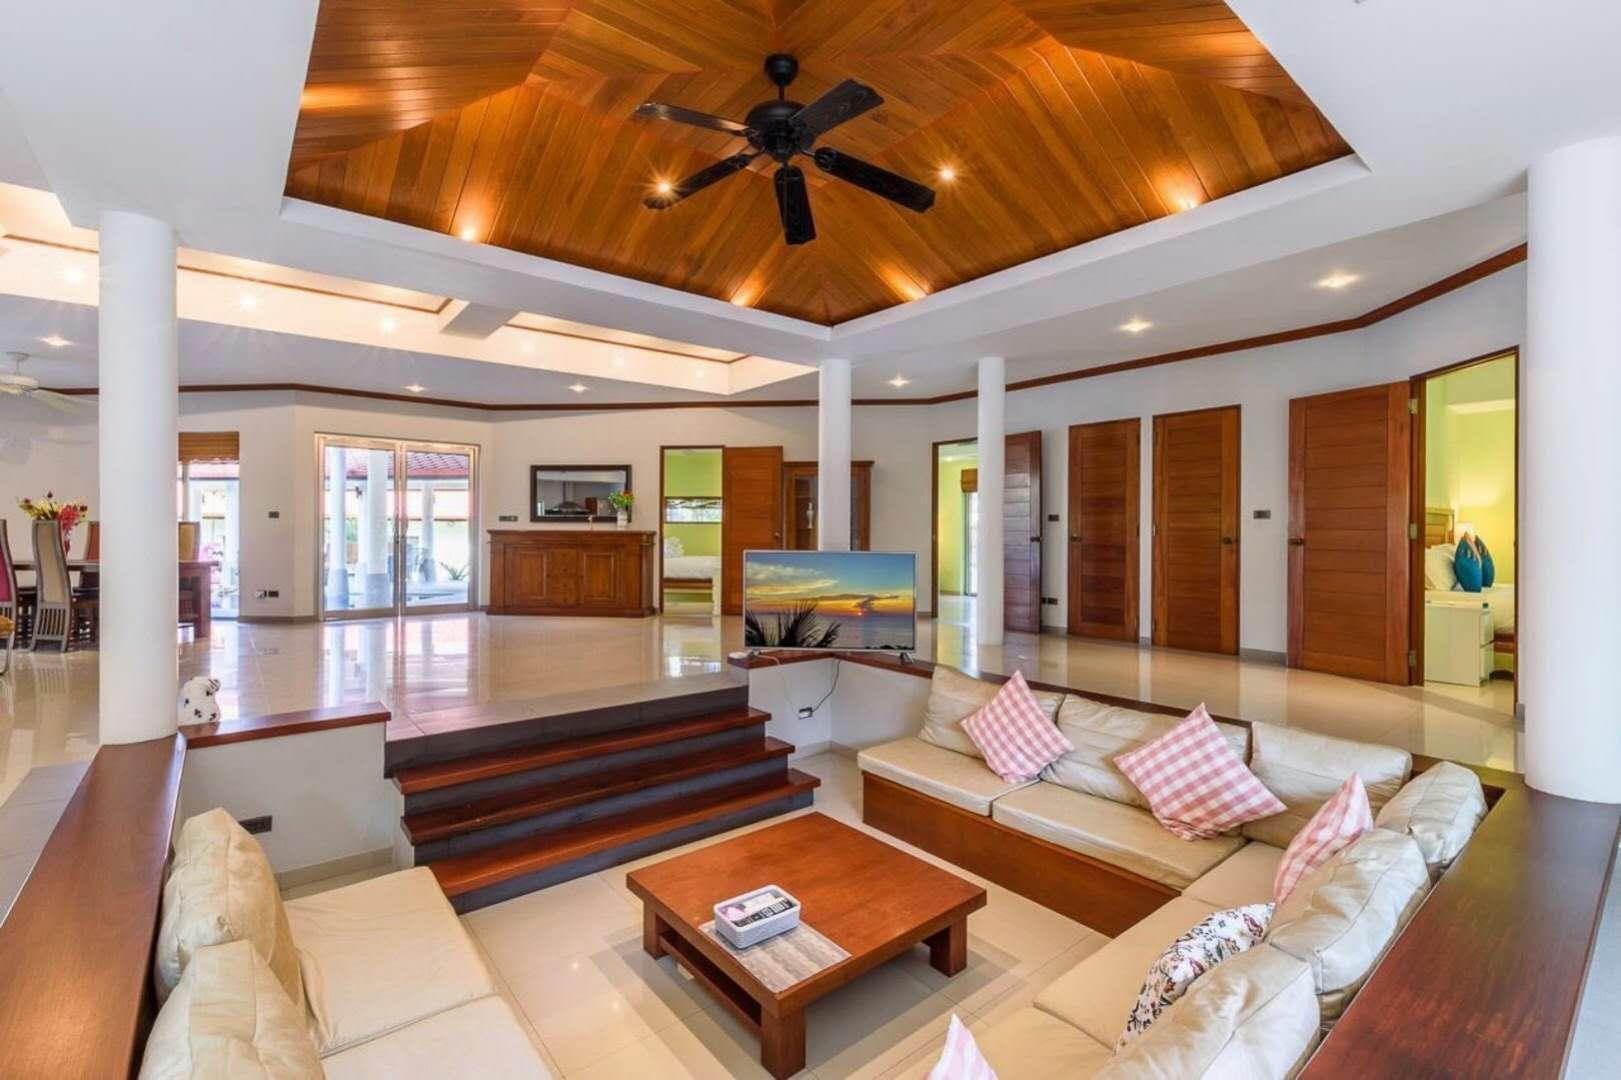 普吉岛luxury Thai style pool villa Phuket วิลลา 5 ห้องนอน 4 ห้องน้ำส่วนตัว ขนาด 900 ตร.ม. – หาดราไวย์